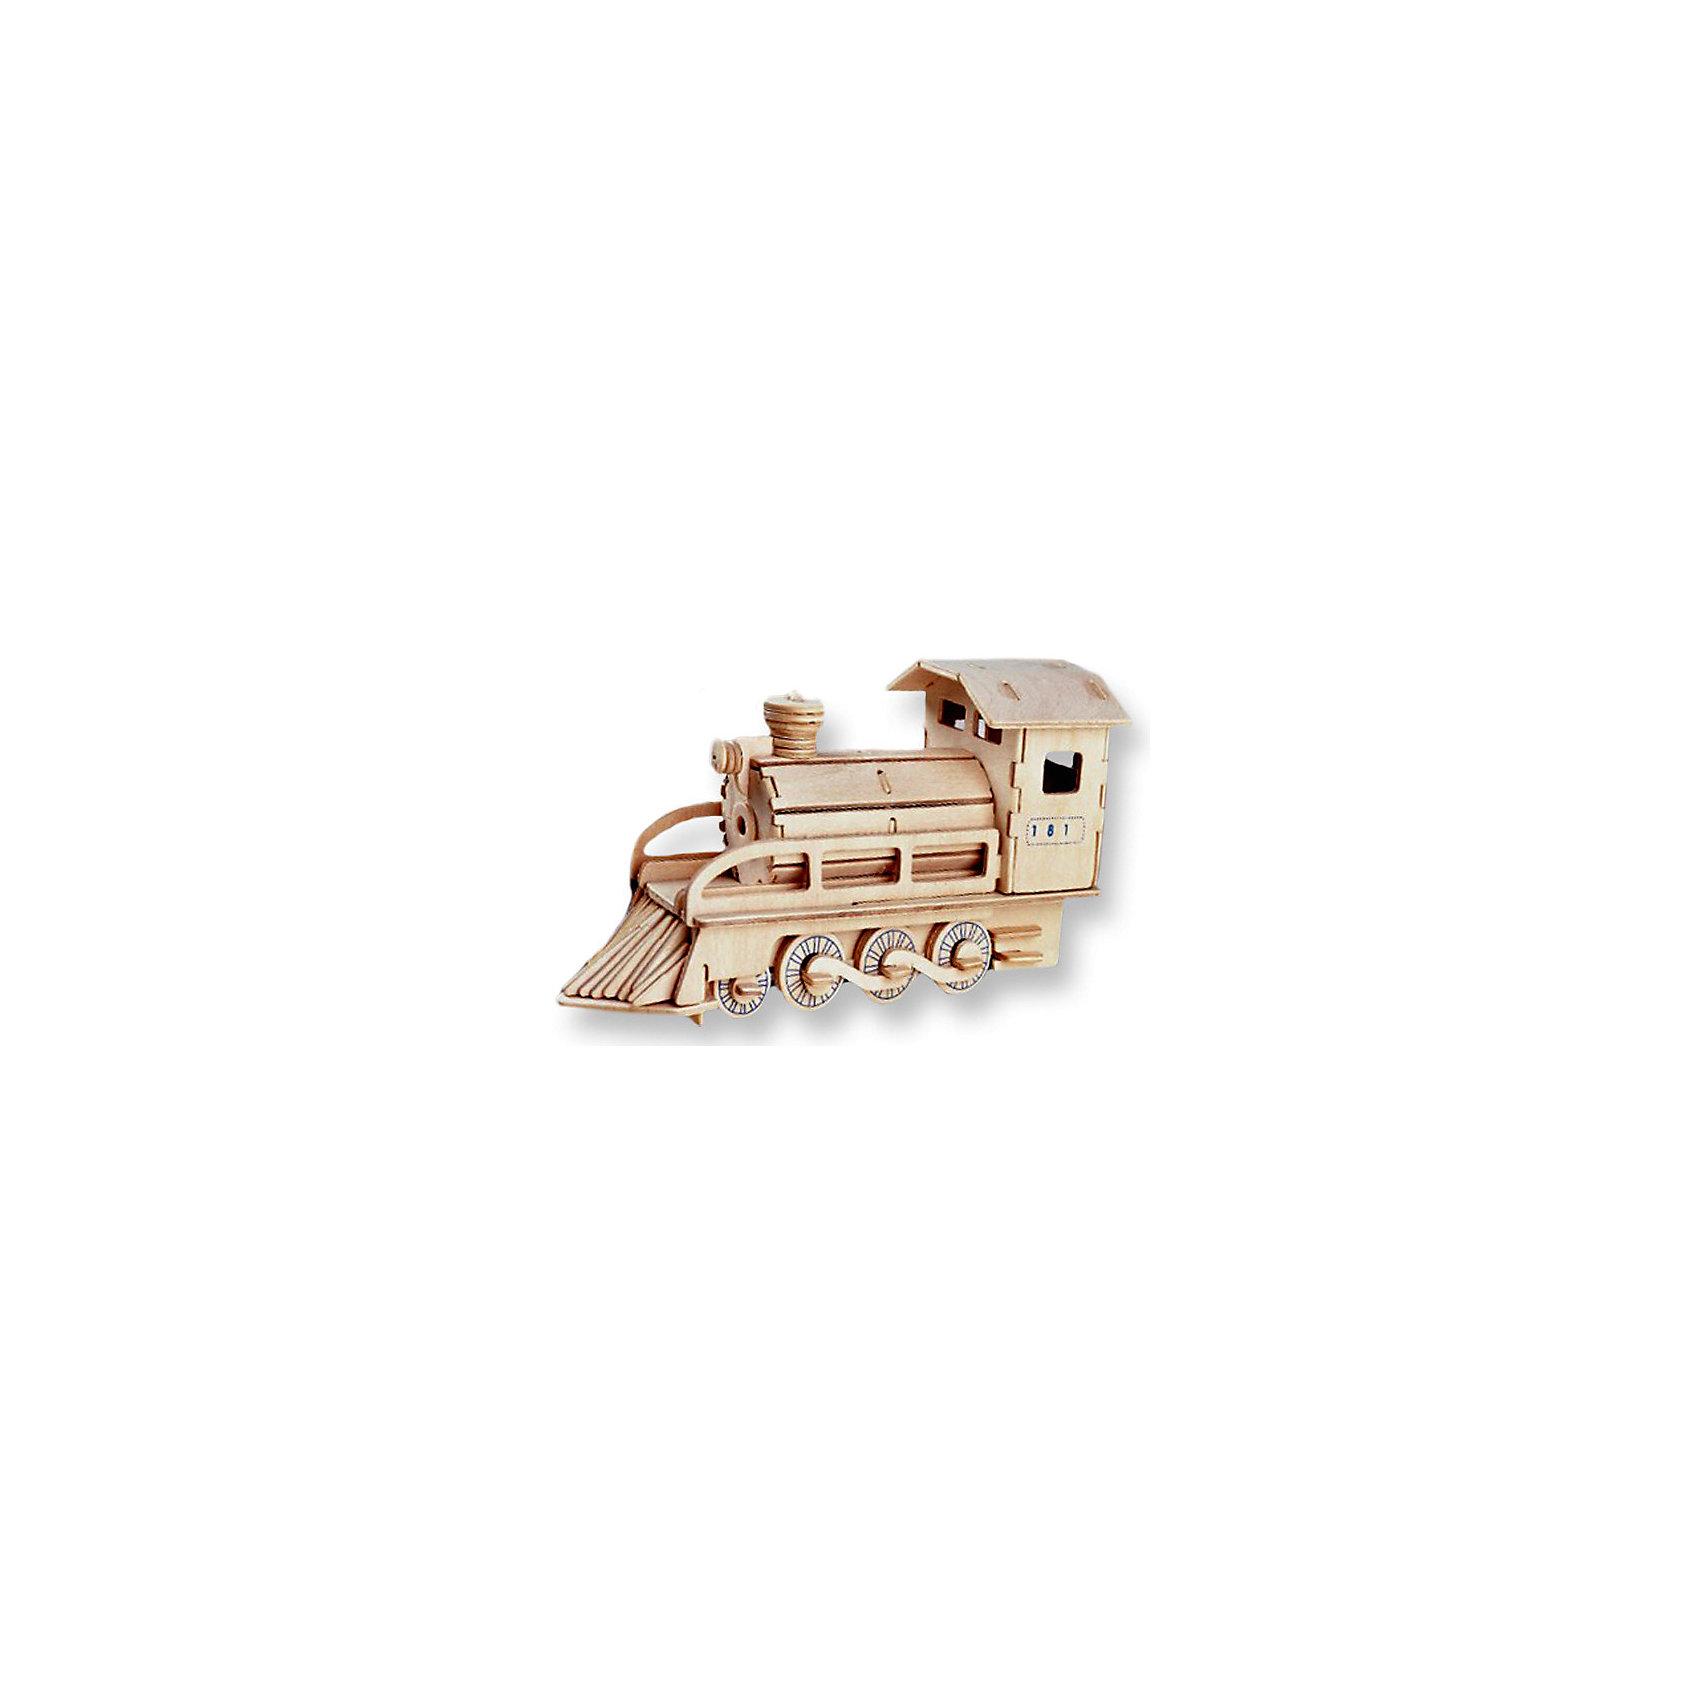 Локомотив, Мир деревянных игрушекДеревянные конструкторы<br>Порадовать любящего технику творческого ребенка - легко! Подарите ему этот набор, из которого можно самому сделать красивую деревянную фигуру. Для этого нужно выдавить из пластины с деталями элементы для сборки и соединить их. Из наборов получаются красивые очень реалистичные игрушки, которые могут стать украшением комнаты.<br>Собирая их, ребенок будет развивать пространственное мышление, память и мелкую моторику. А раскрашивая готовое произведение, дети научатся подбирать цвета и будут развивать художественные навыки. Этот набор произведен из качественных и безопасных для детей материалов - дерево тщательно обработано.<br><br>Дополнительная информация:<br><br>материал: дерево;<br>цвет: бежевый;<br>элементы: пластины с деталями для сборки, схема сборки;<br>размер упаковки: 23 х 18 см.<br><br>3D-пазл Локомотив от бренда Мир деревянных игрушек можно купить в нашем магазине.<br><br>Ширина мм: 350<br>Глубина мм: 50<br>Высота мм: 225<br>Вес г: 450<br>Возраст от месяцев: 36<br>Возраст до месяцев: 144<br>Пол: Унисекс<br>Возраст: Детский<br>SKU: 4969091